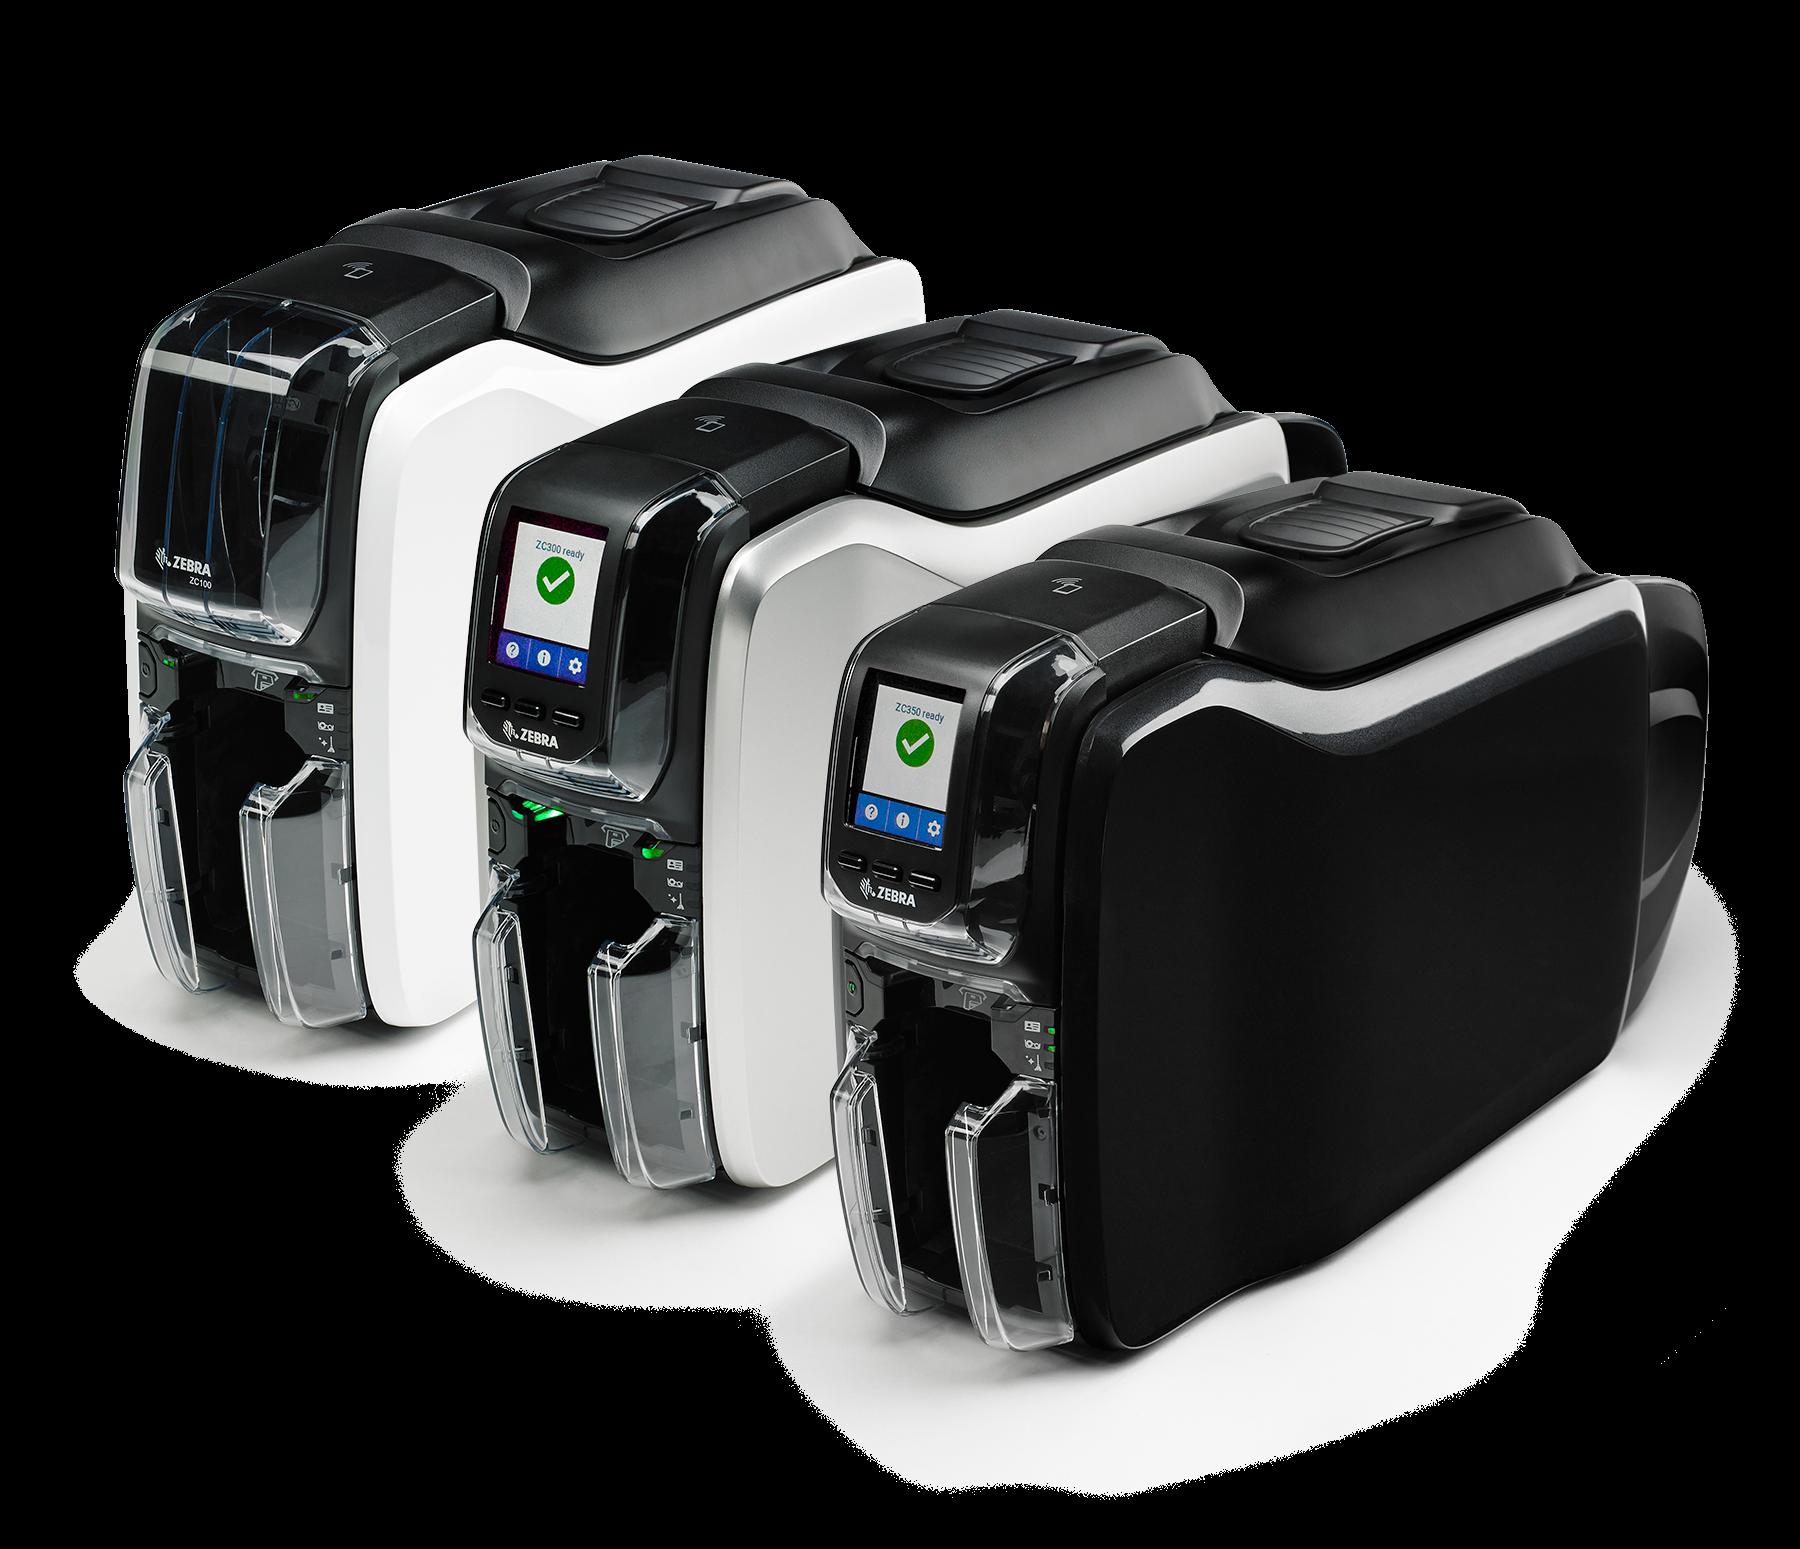 ZC100 Z300 ZC350 Nouvelle Gamme d'Imprimantes Cartes Zebra